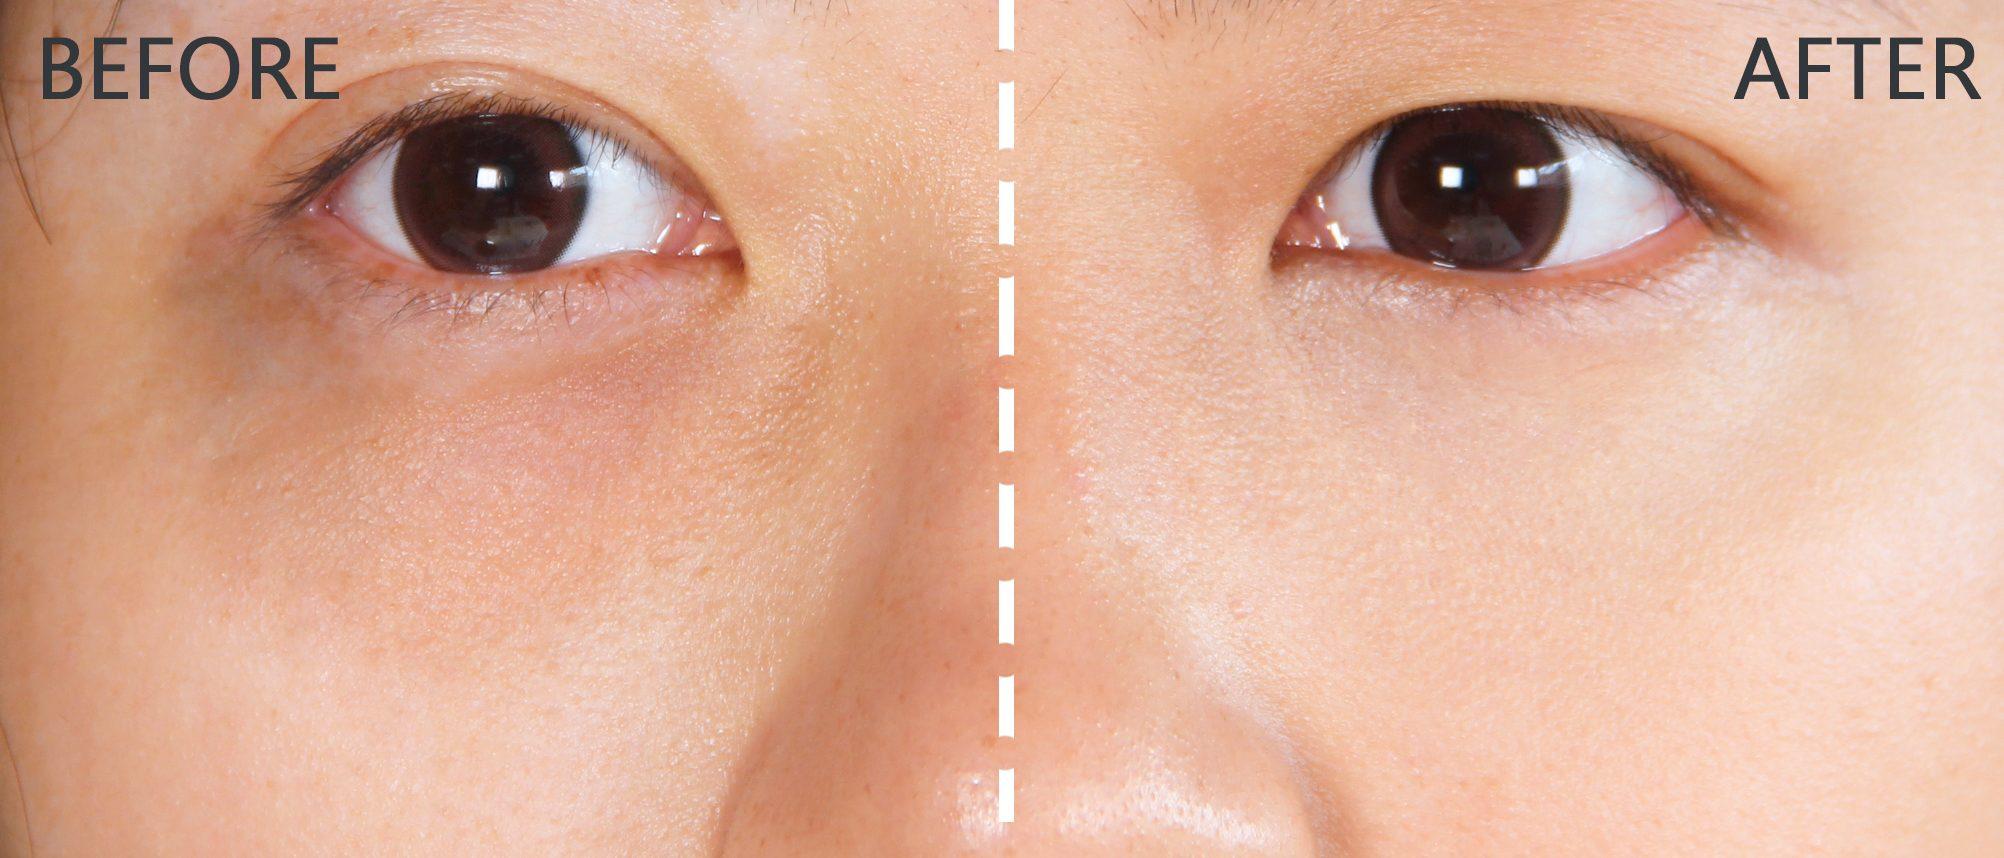 看起來非常自然也沒有任何妝感,但是對比原本的黑眼圈又有一定的遮蓋效果~